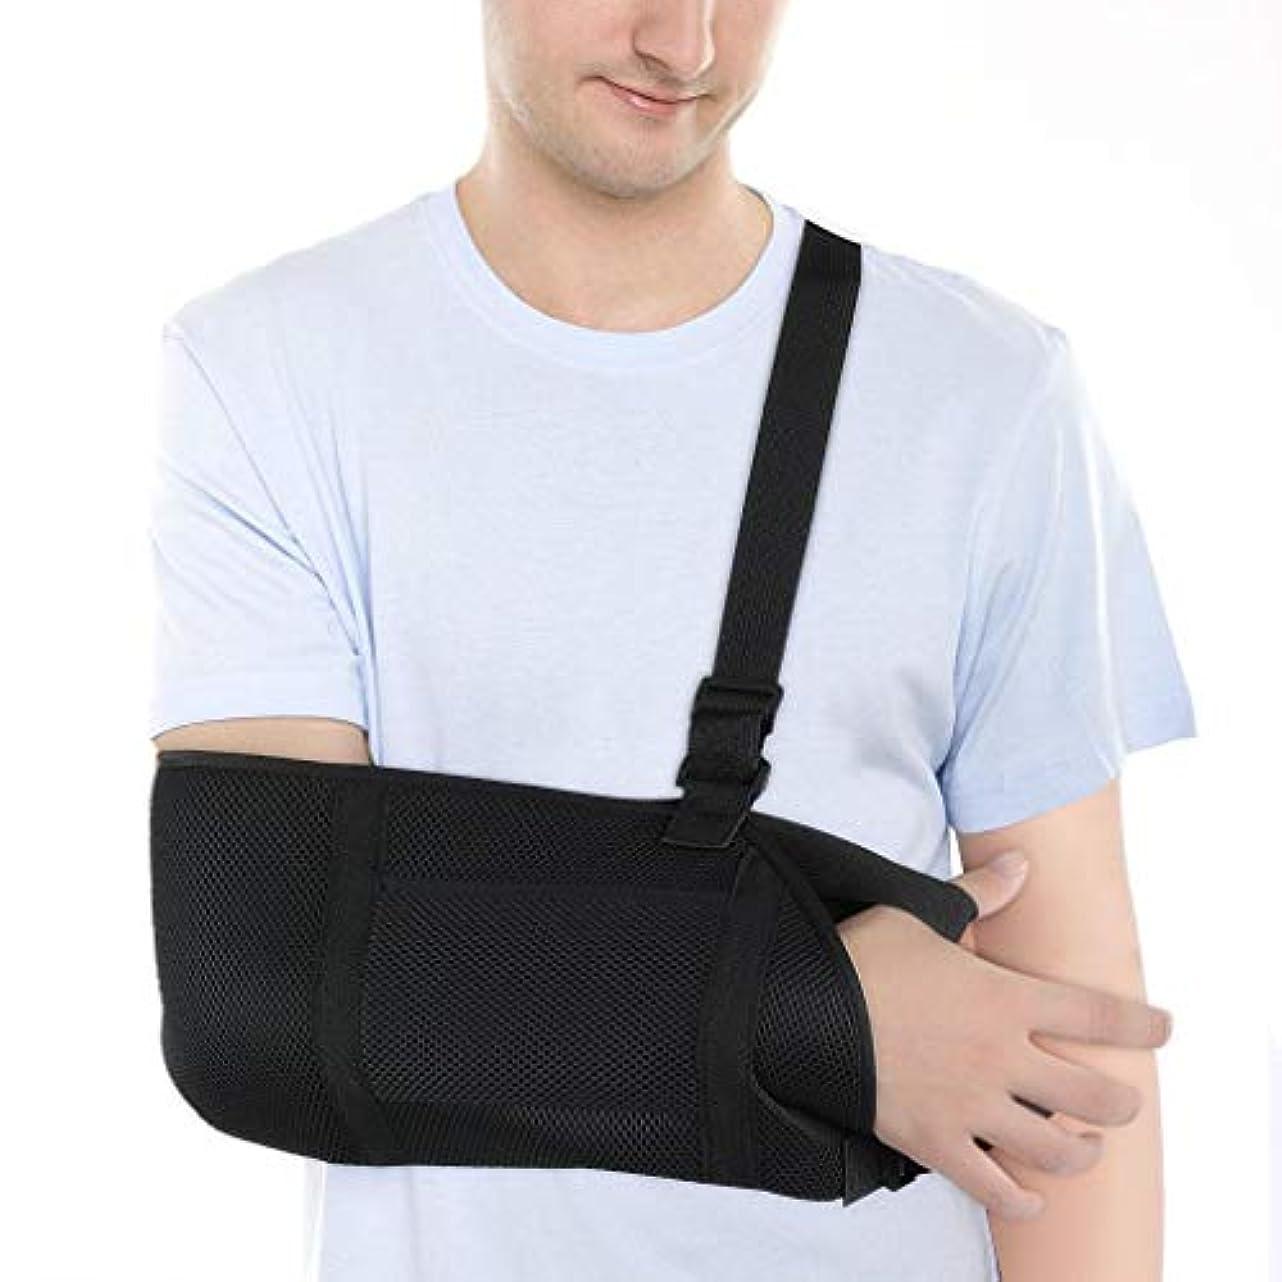 親指サポート付きアームスリング、手首の肘の肩のスリングの脱臼